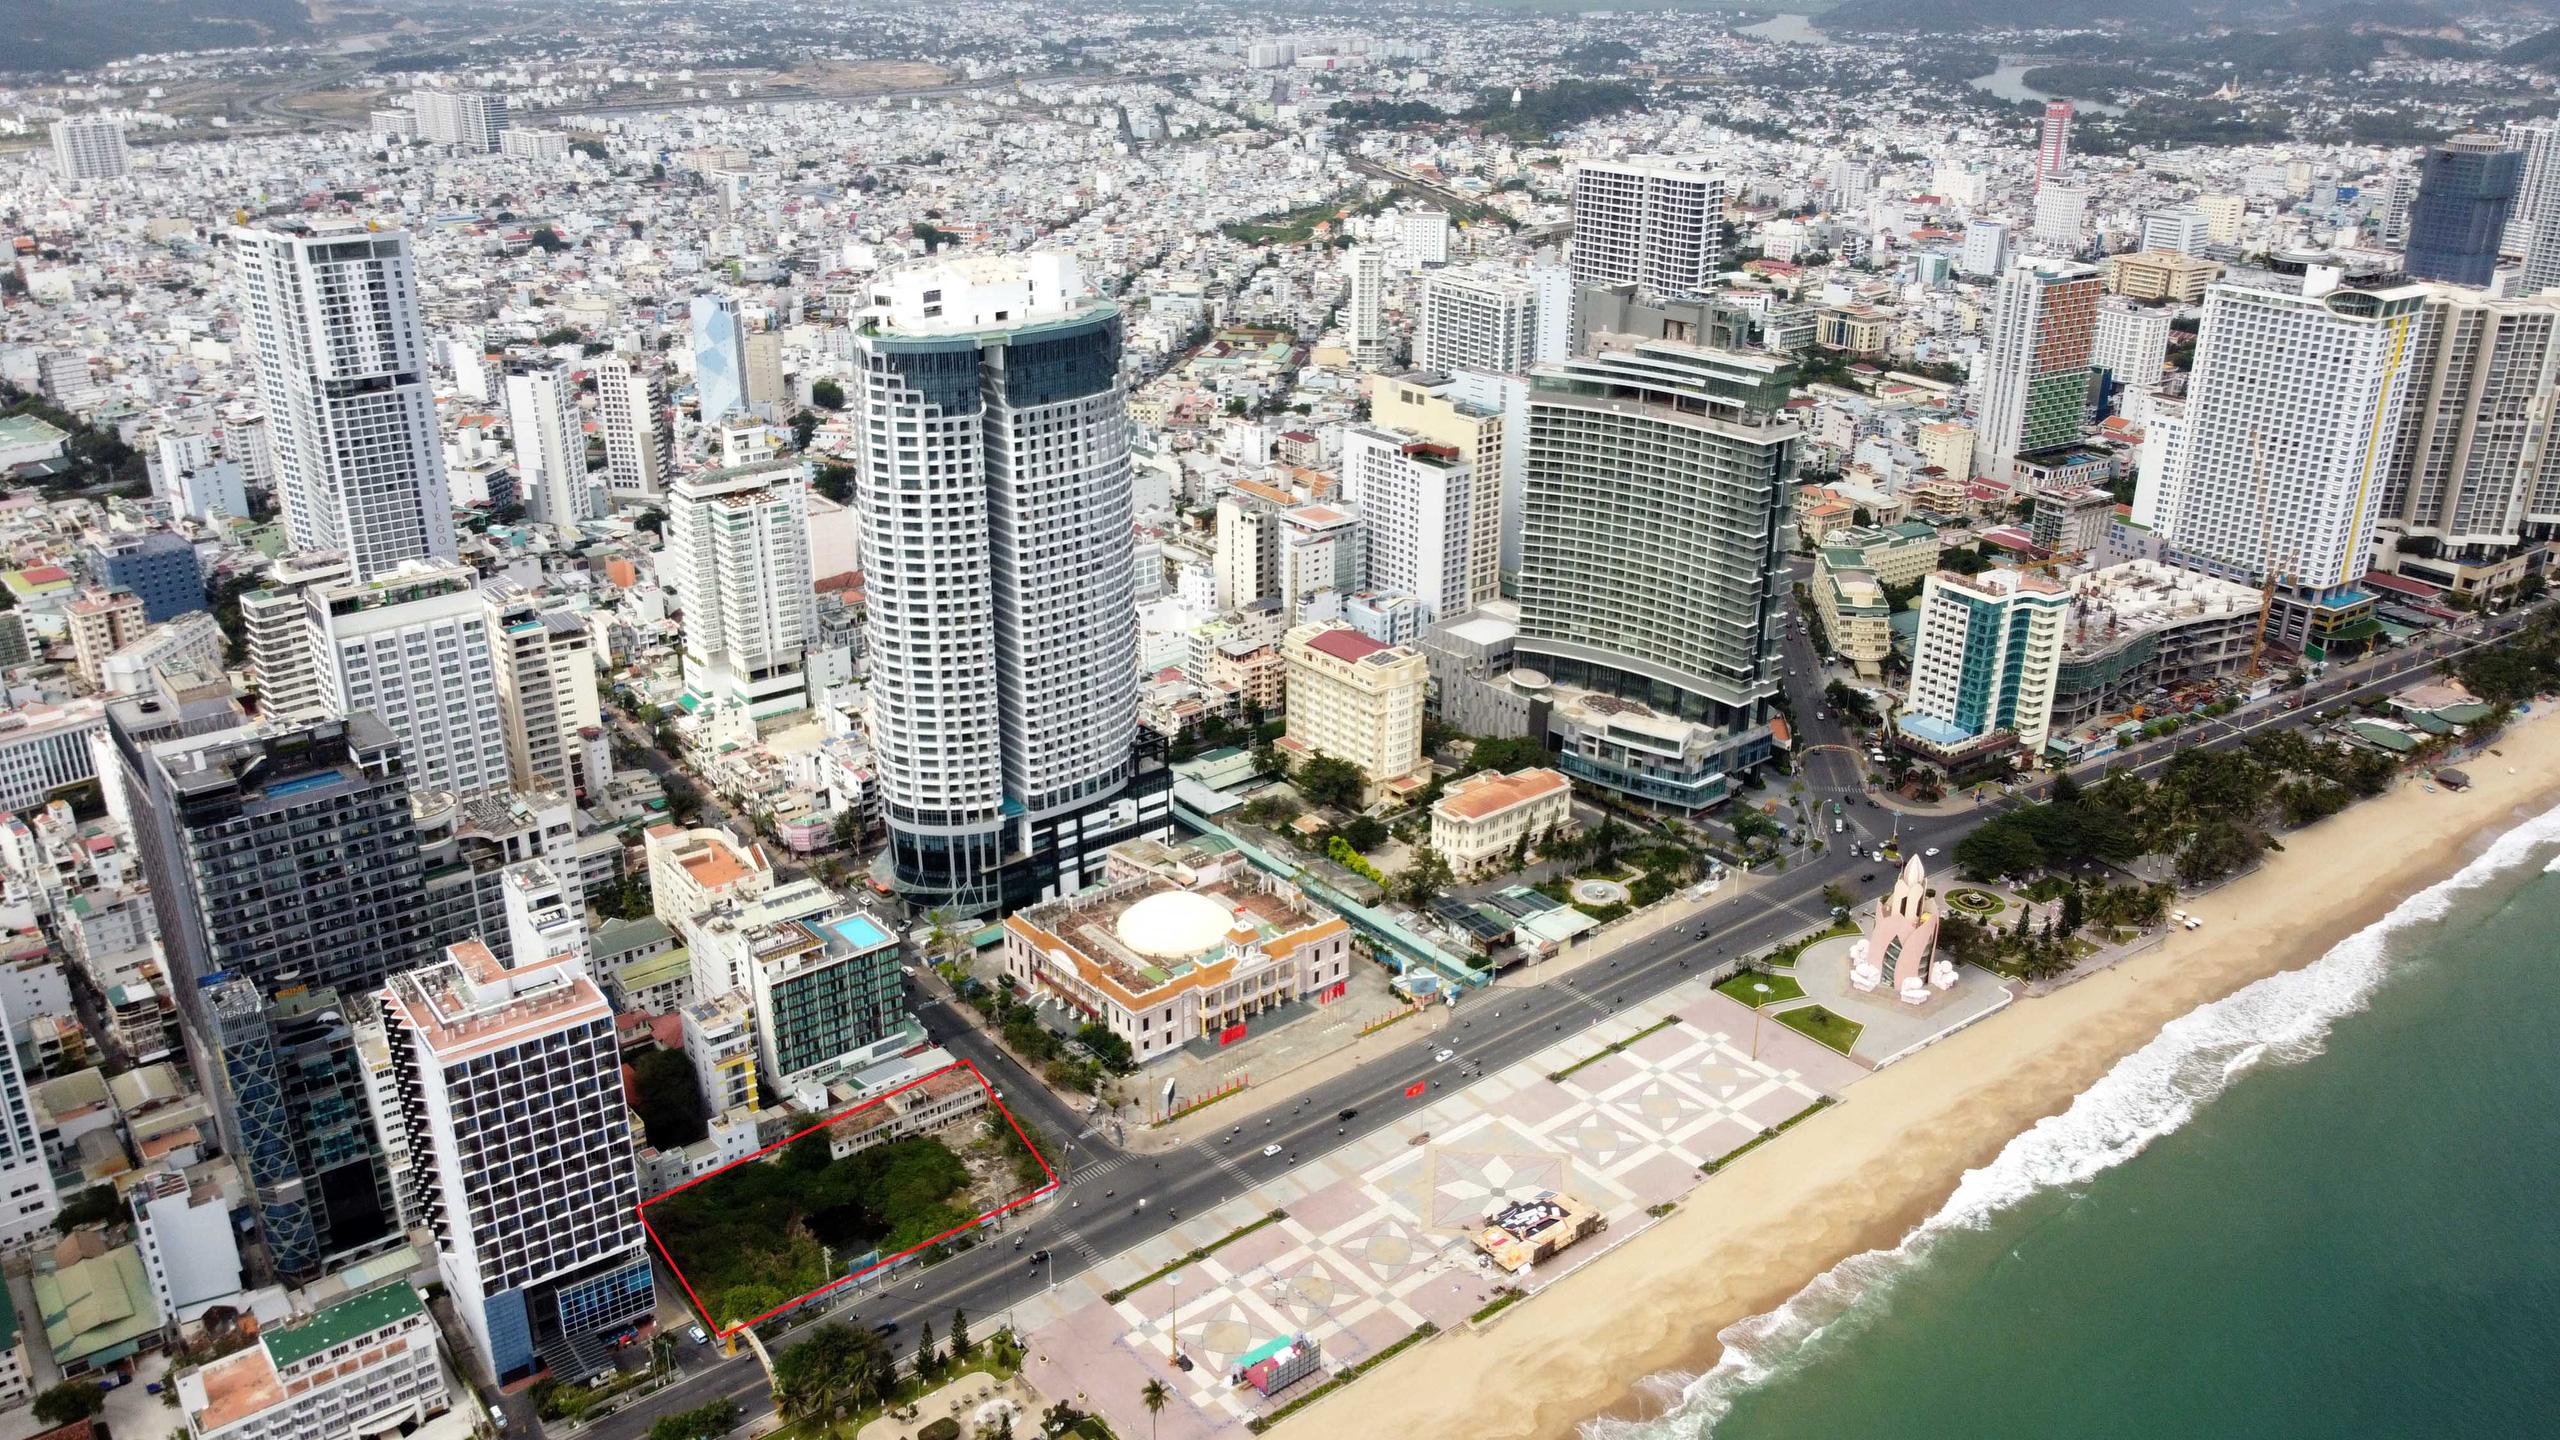 Hàng loạt dự án 'đất vàng' mặt tiền biển Nha Trang trở thành bãi hoang - Ảnh 1.